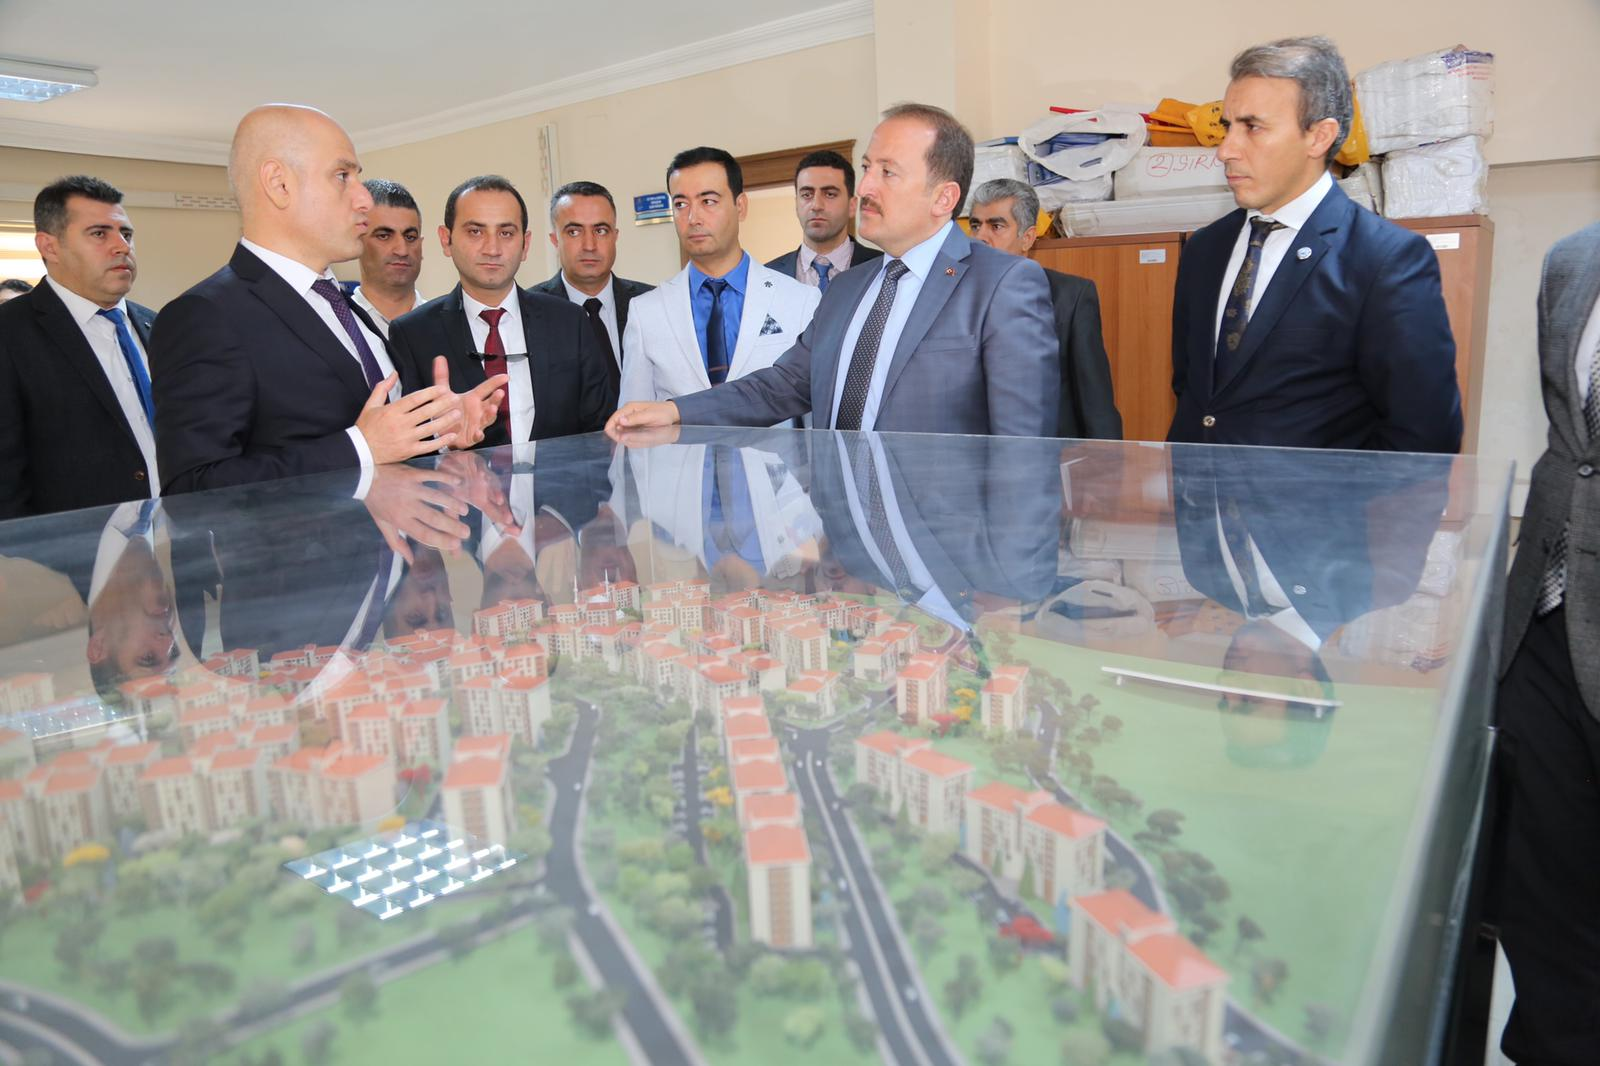 şırnak valisi Ali Hamza PEHLİVAN , Çevre Ve Şehircilik il Müdürlüğü ziyaret